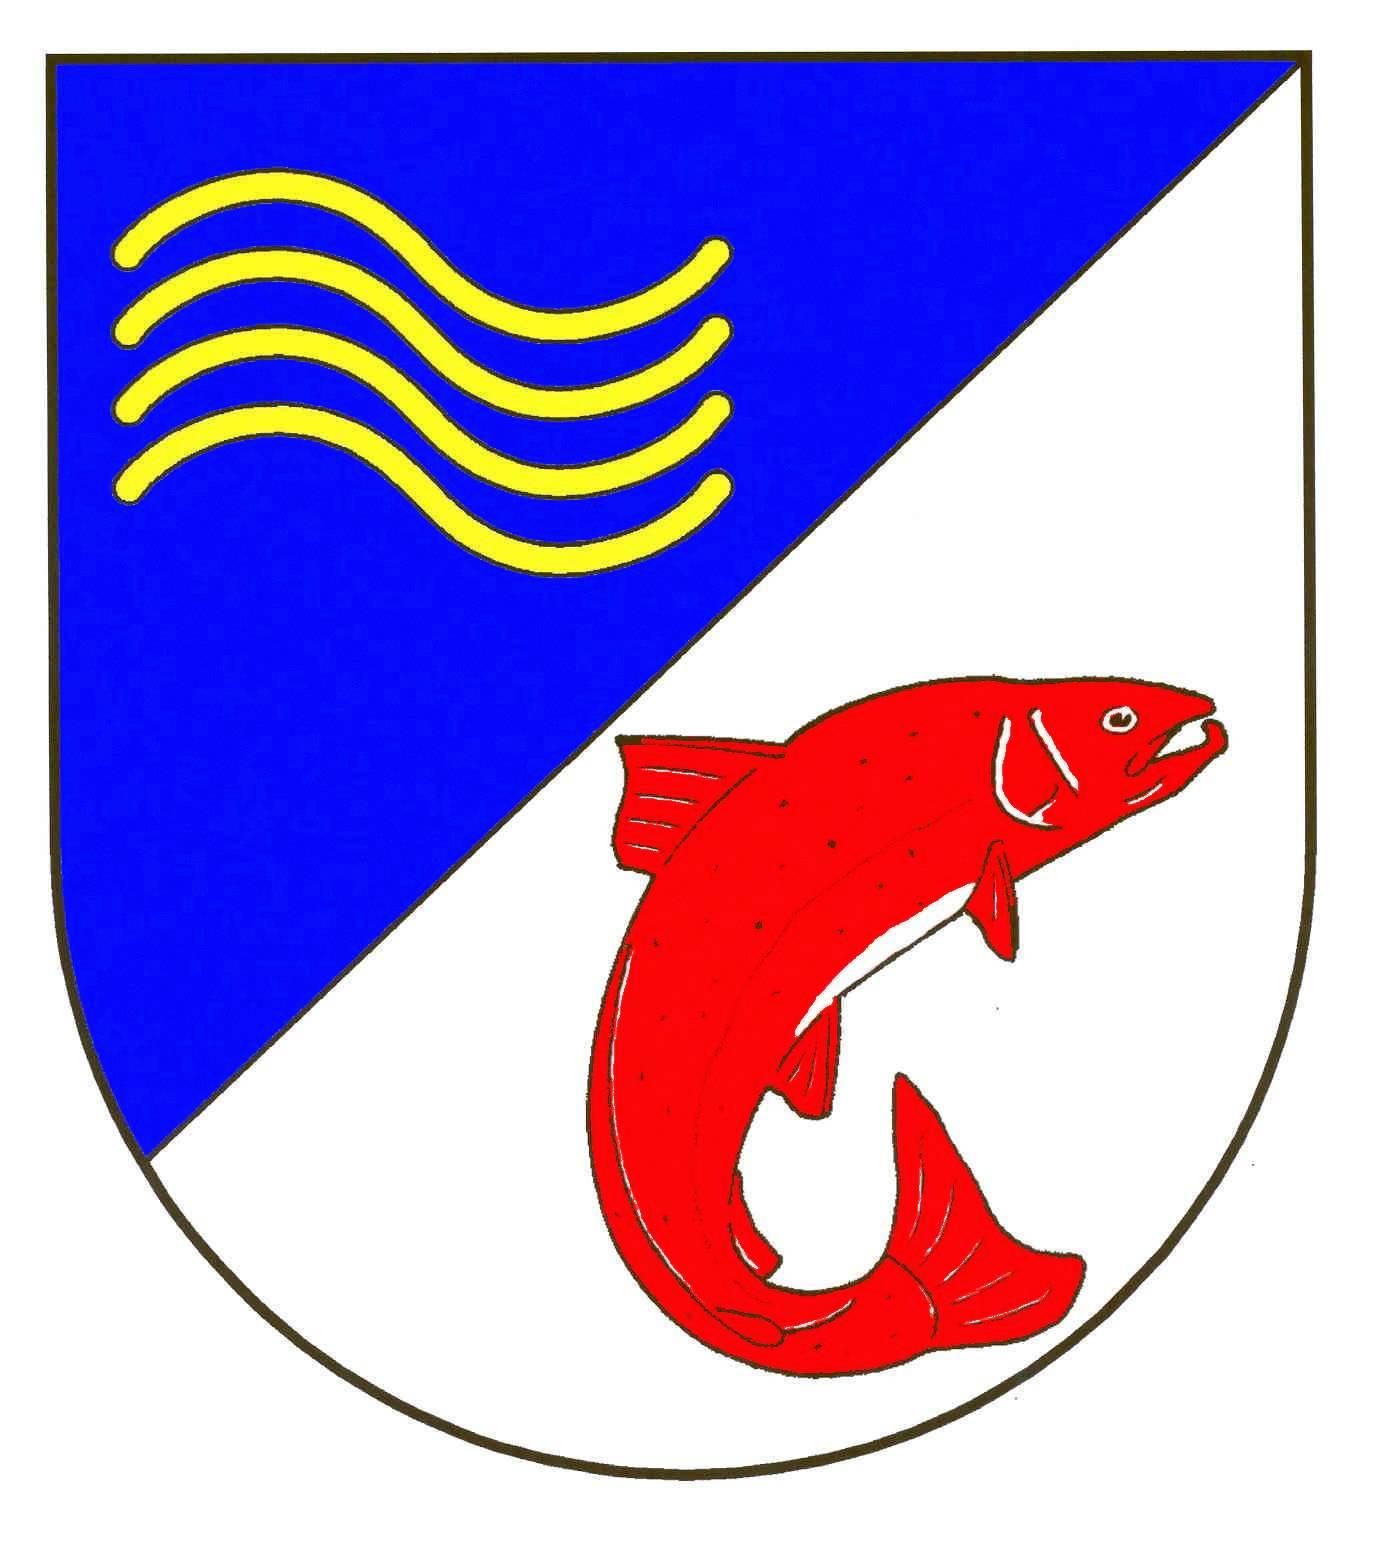 Wappen GemeindeLasbek, Kreis Stormarn